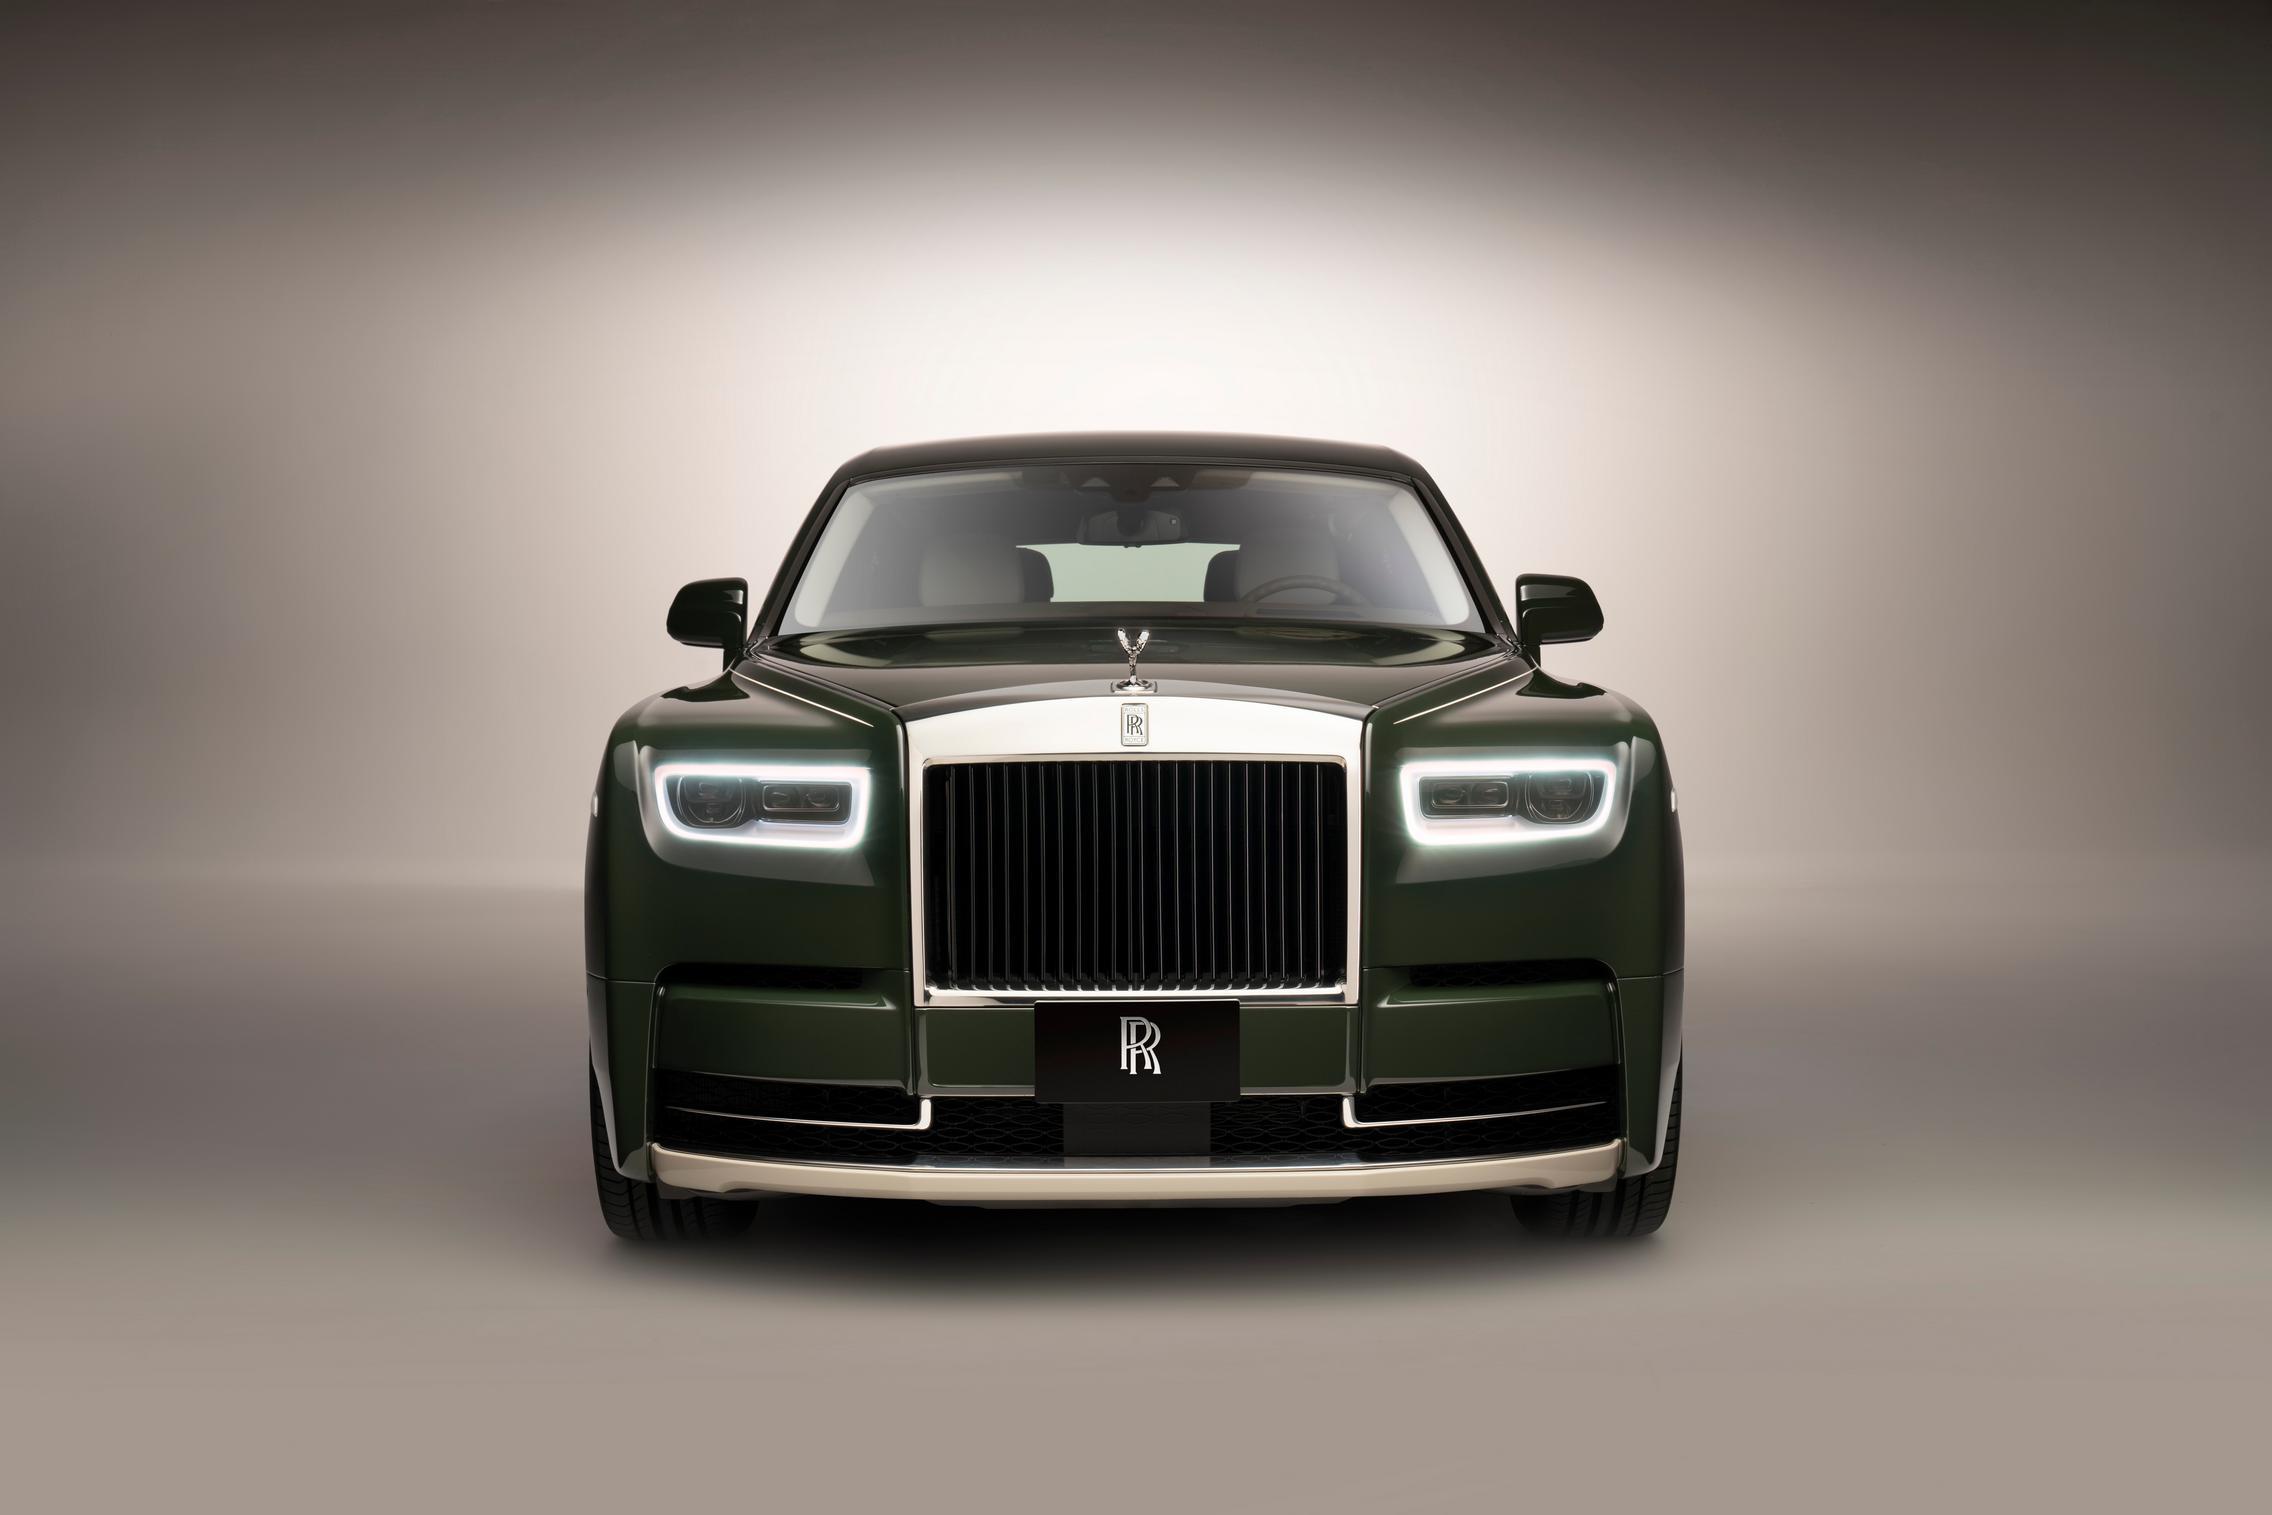 Hermes Rolls-Royce Phantom front